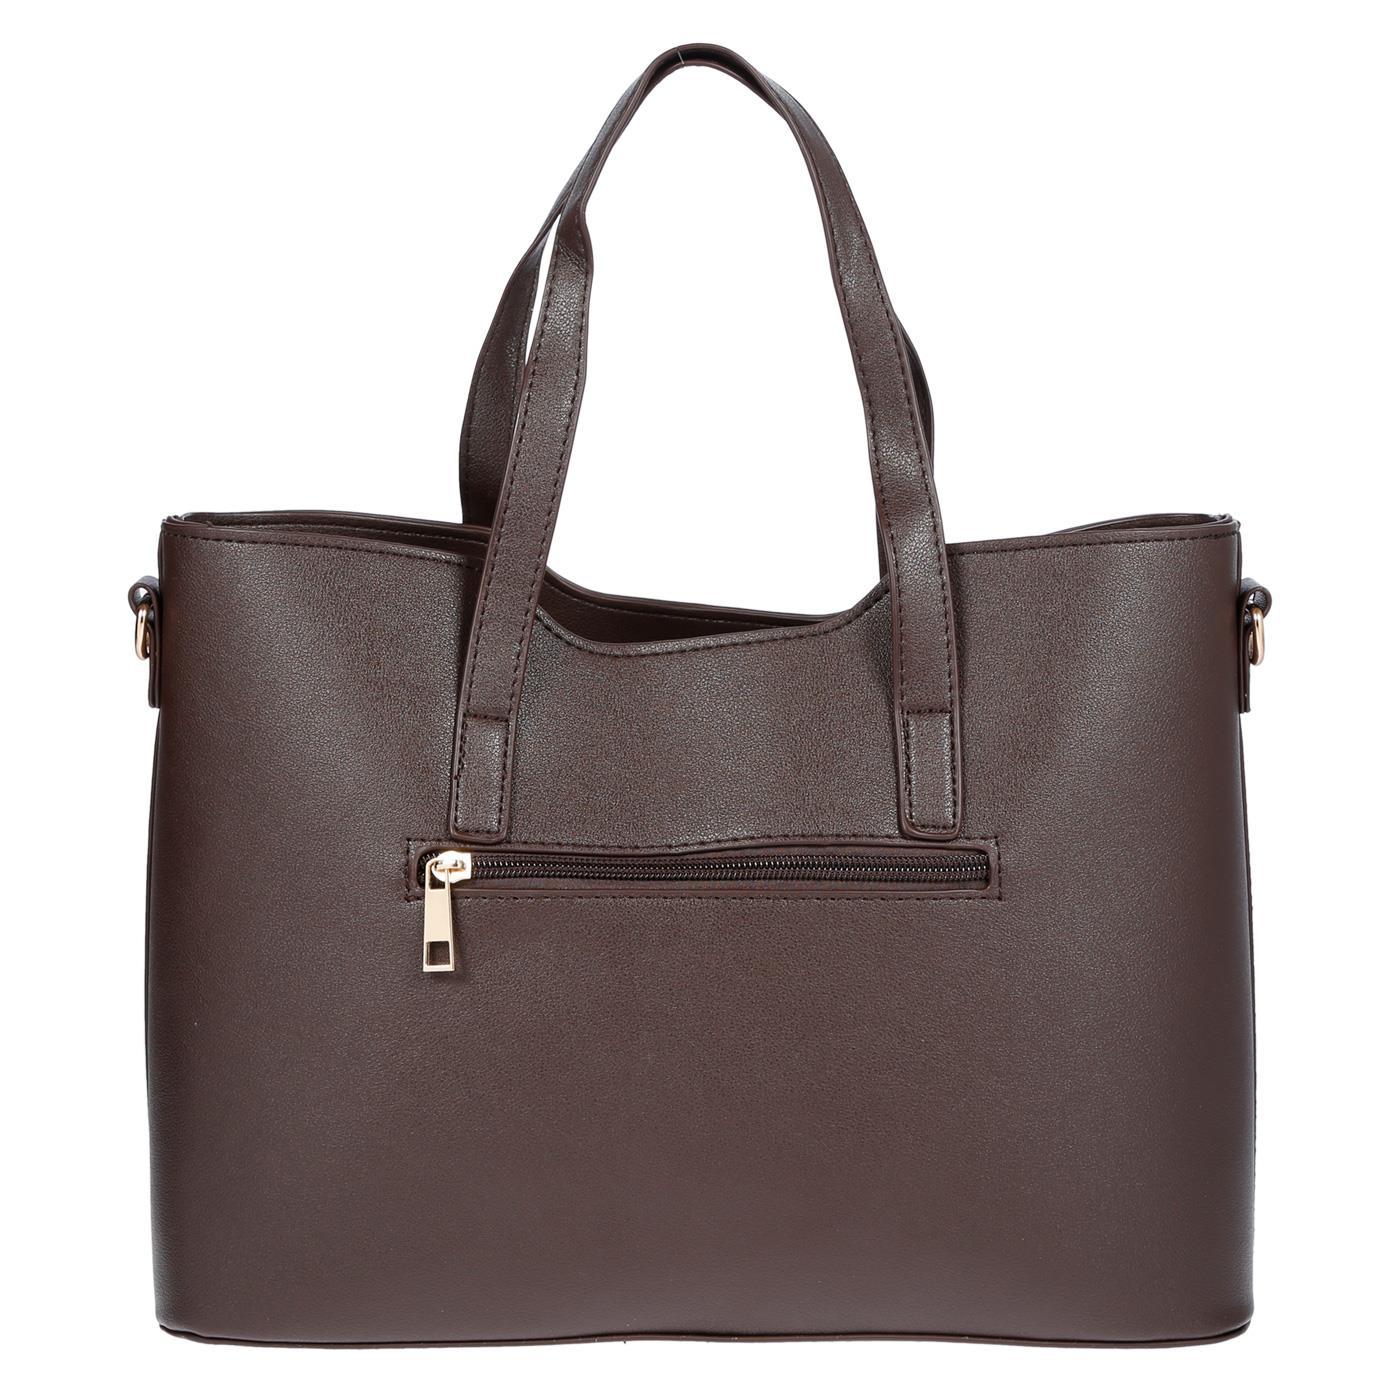 Kossberg-Damen-Tasche-Henkeltasche-Schultertasche-Umhaengetasche-Leder-Optik-Bag Indexbild 39